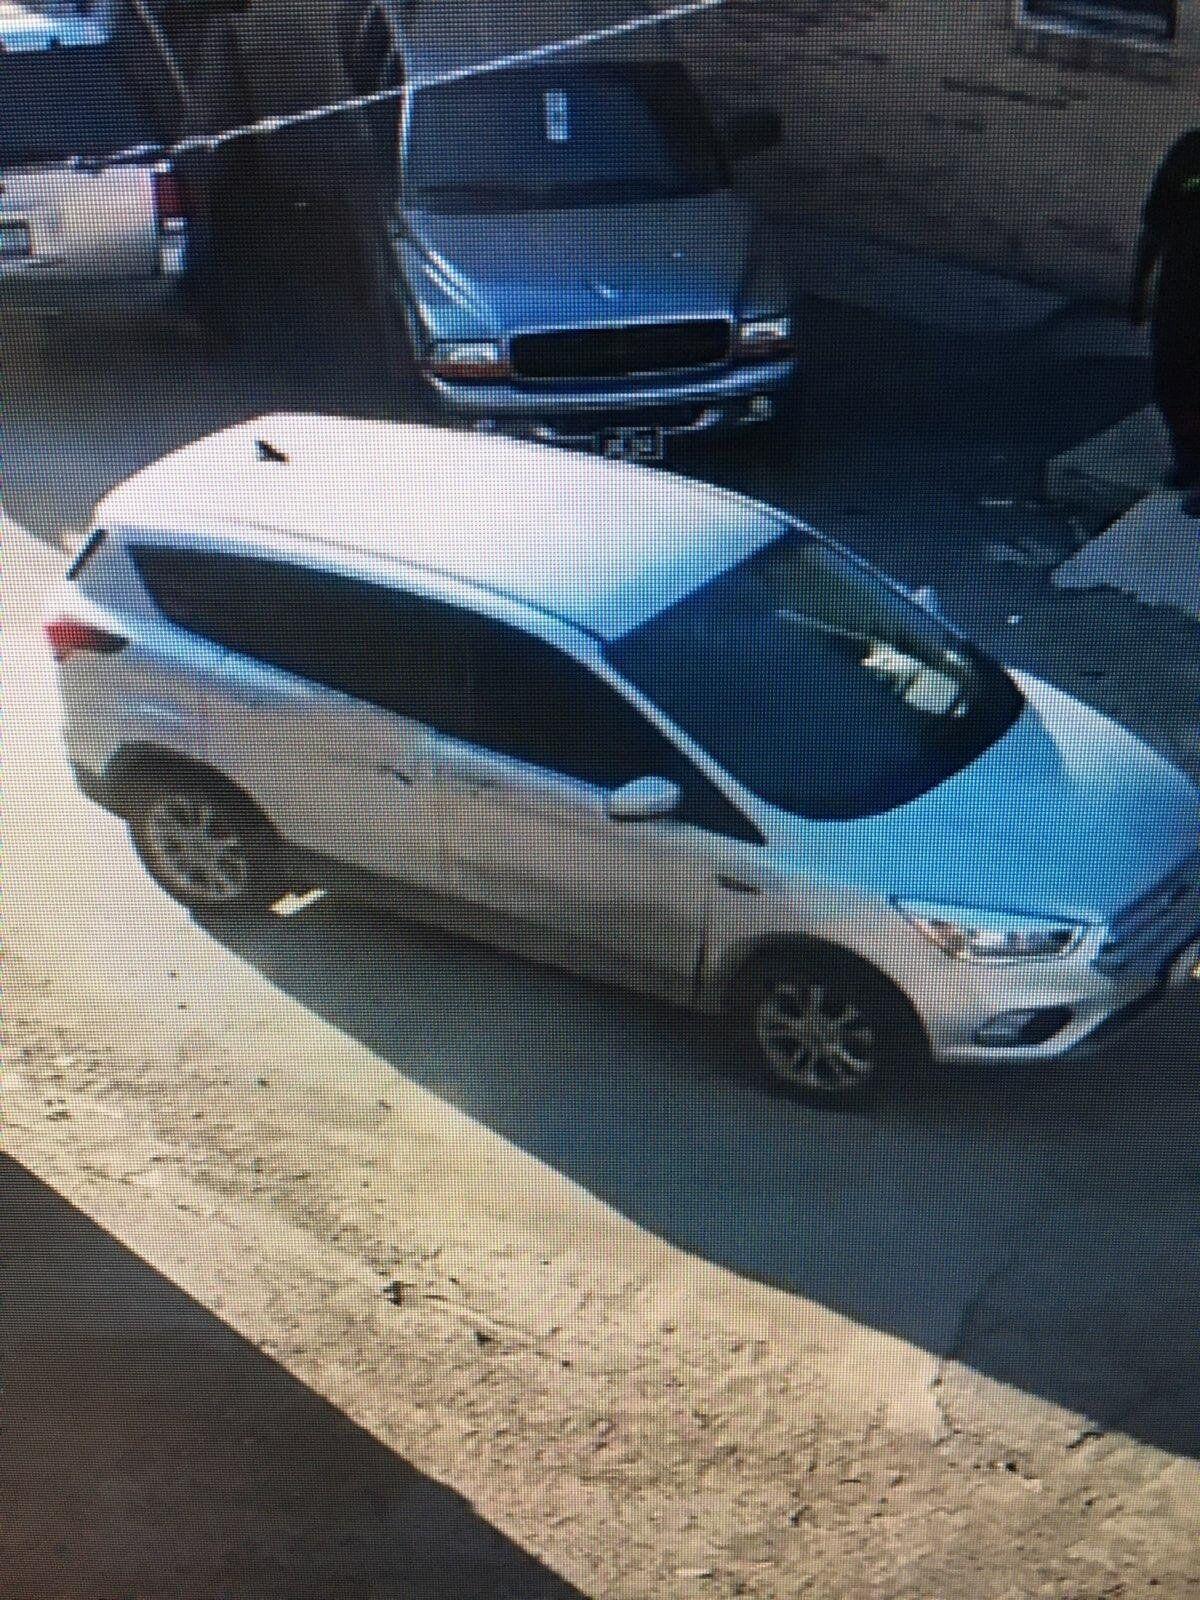 Minivan linked to homicide